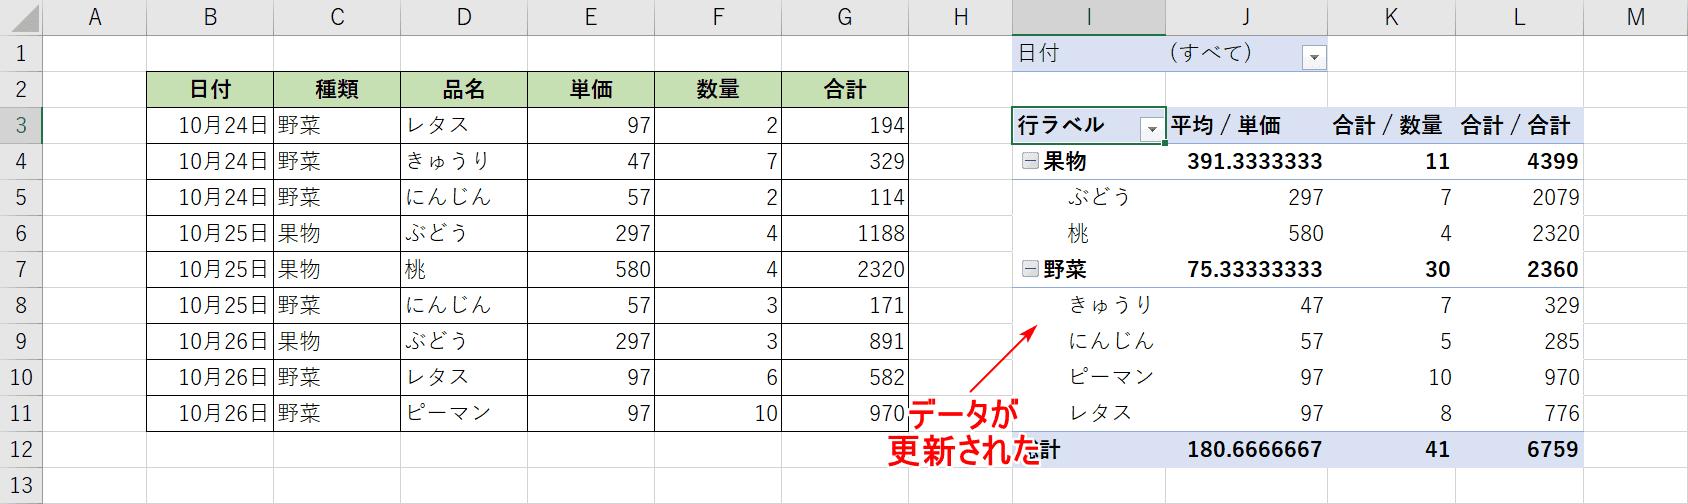 ピボットテーブルのデータ更新